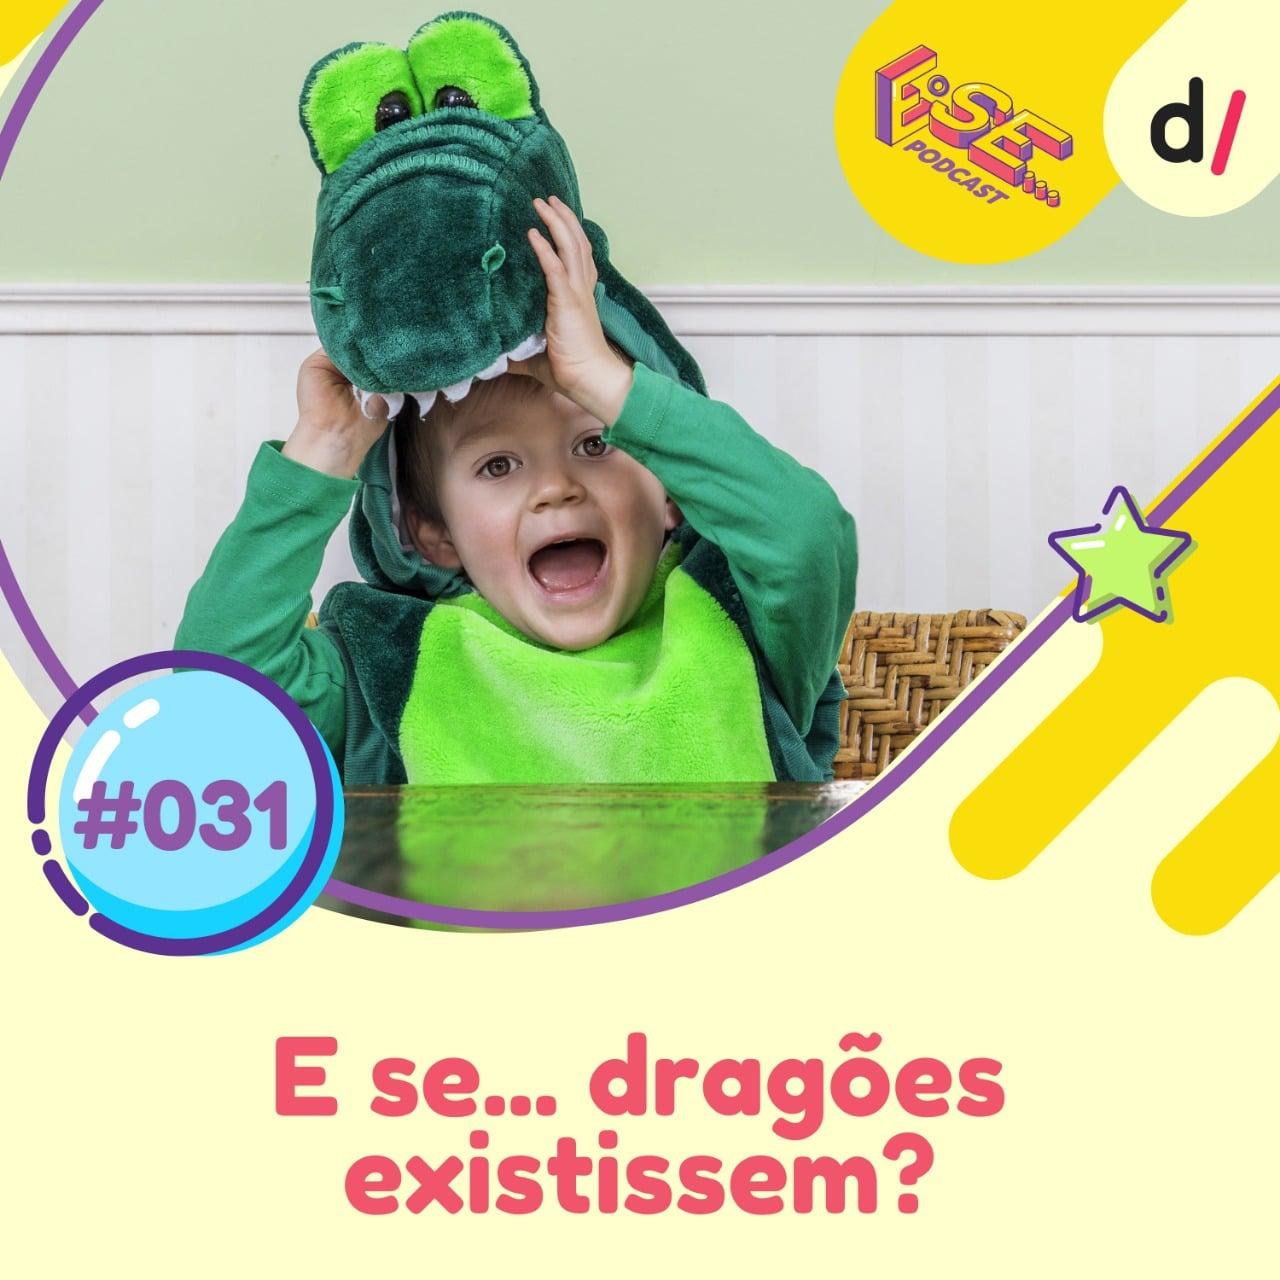 E se... podcast #31 - E Se... dragões existissem - Thaís Finotto